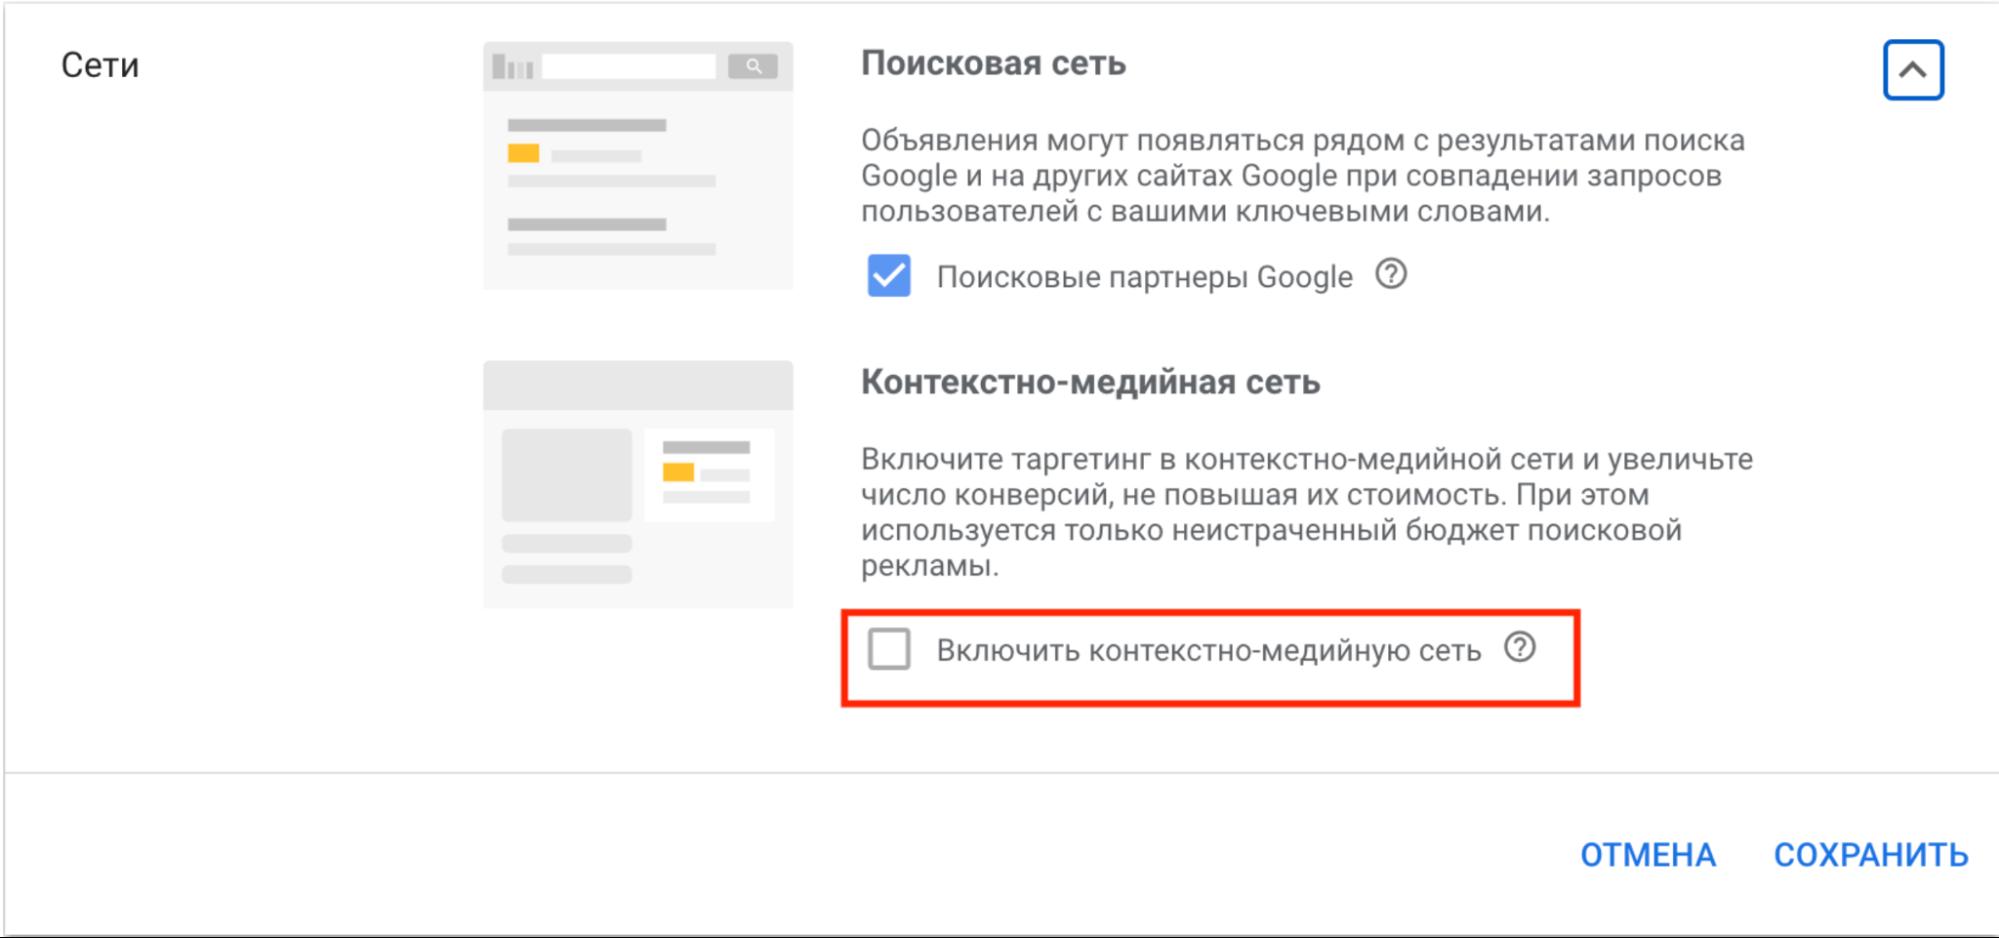 КМС в поисковых кампаниях - ошибки в Google Ads